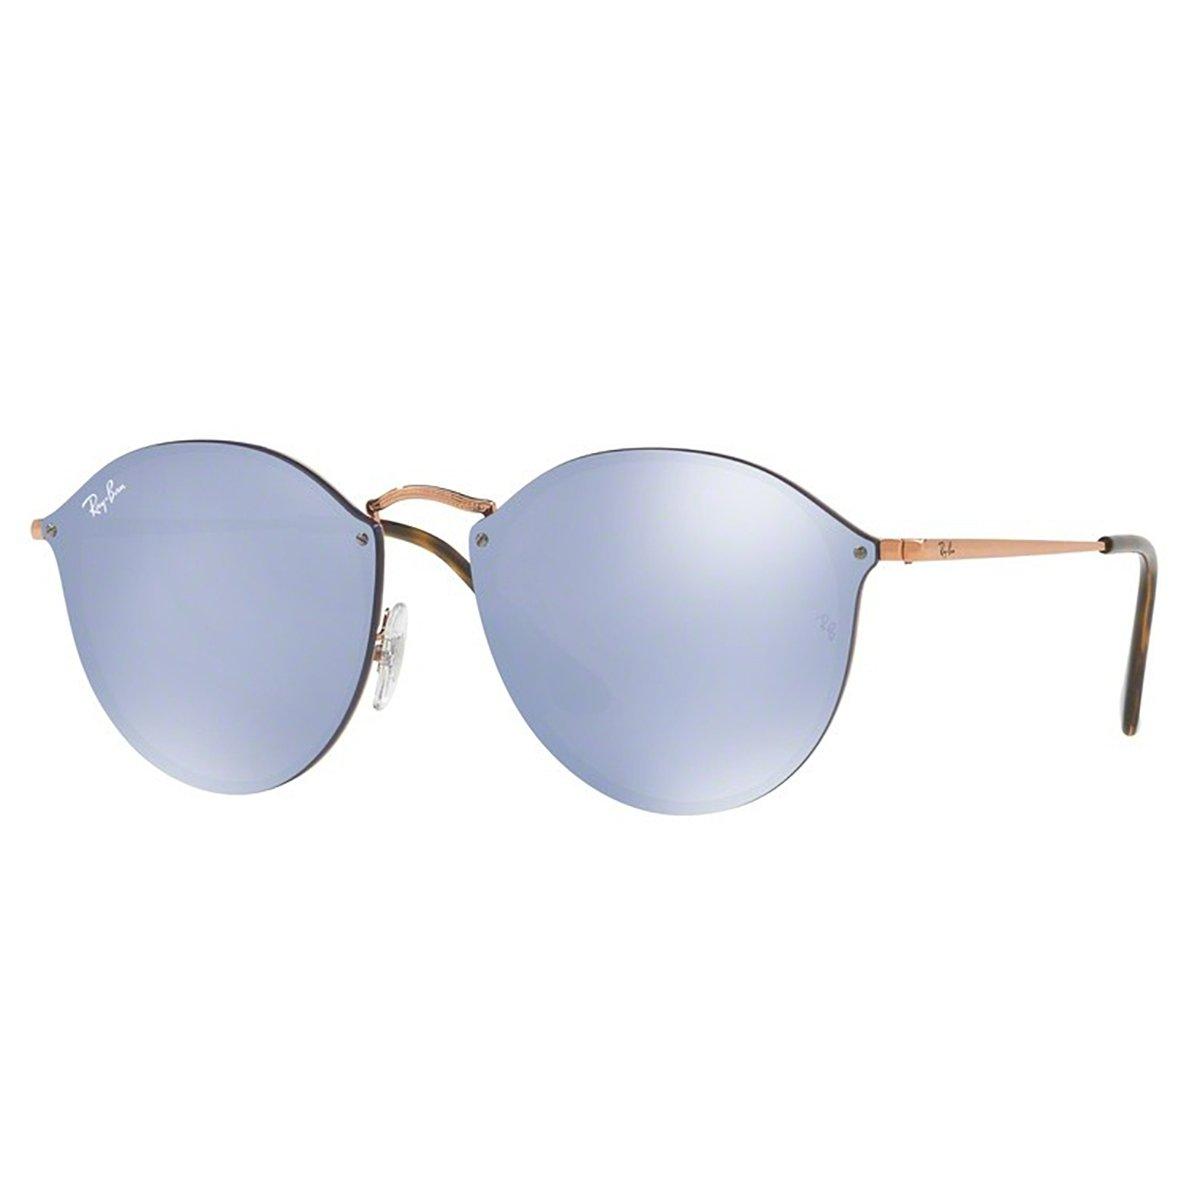 Compre Óculos de Sol Ray Ban Blaze Round em 10X   Tri-Jóia Shop 4a6409ac24